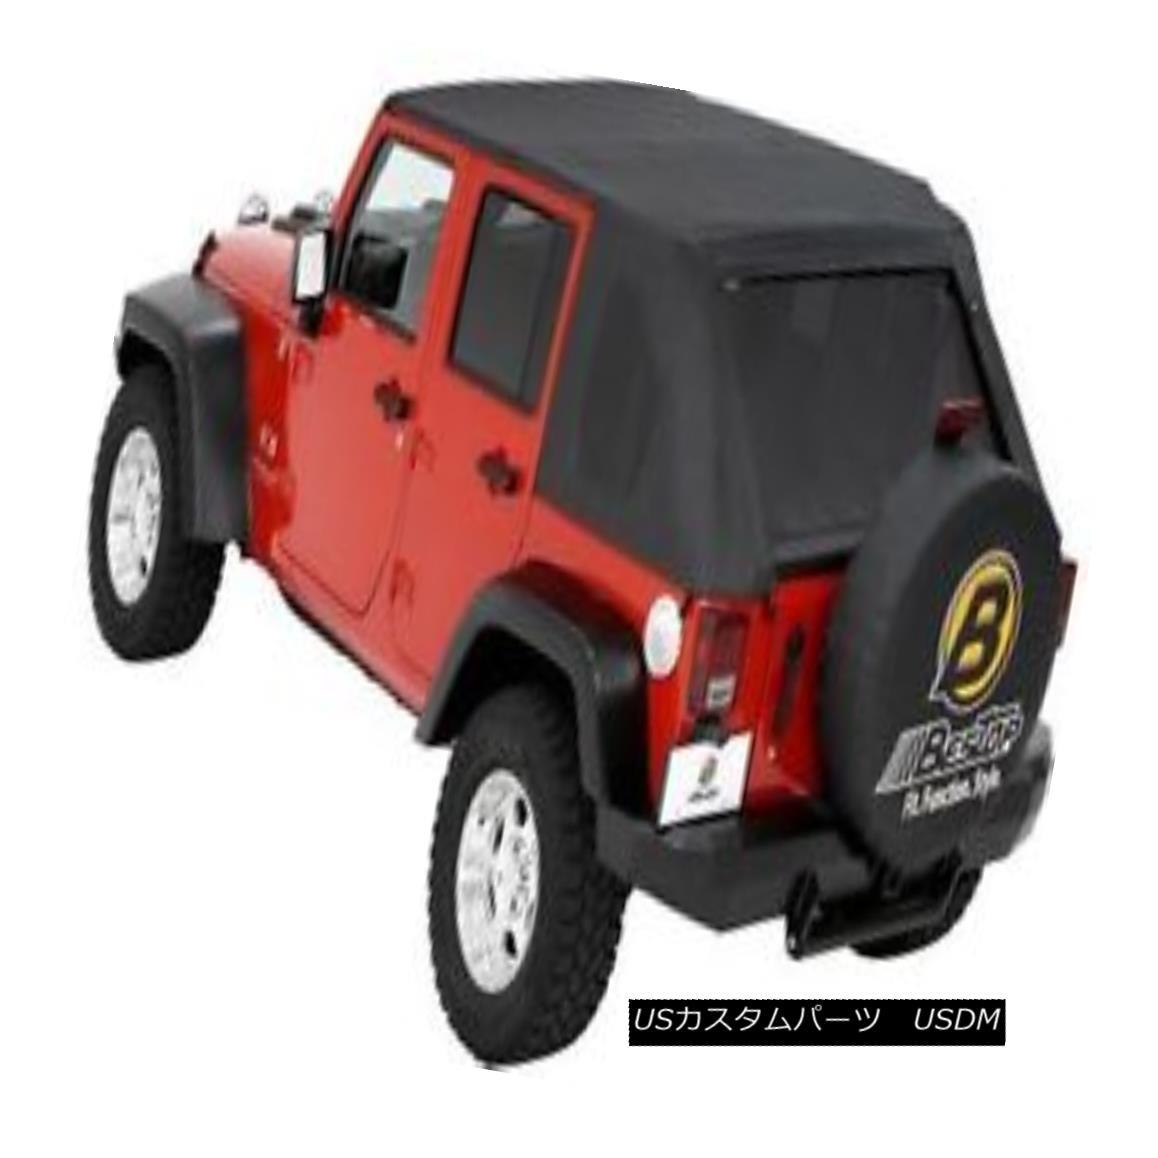 幌・ソフトトップ Bestop Classic TrekTop 07-16 Jeep Wrangler Unlimited Tint Windows Black Diamond Bestop Classicトレックトップ07-16ジープラングラー無制限ティントウィンドウブラックダイヤモンド